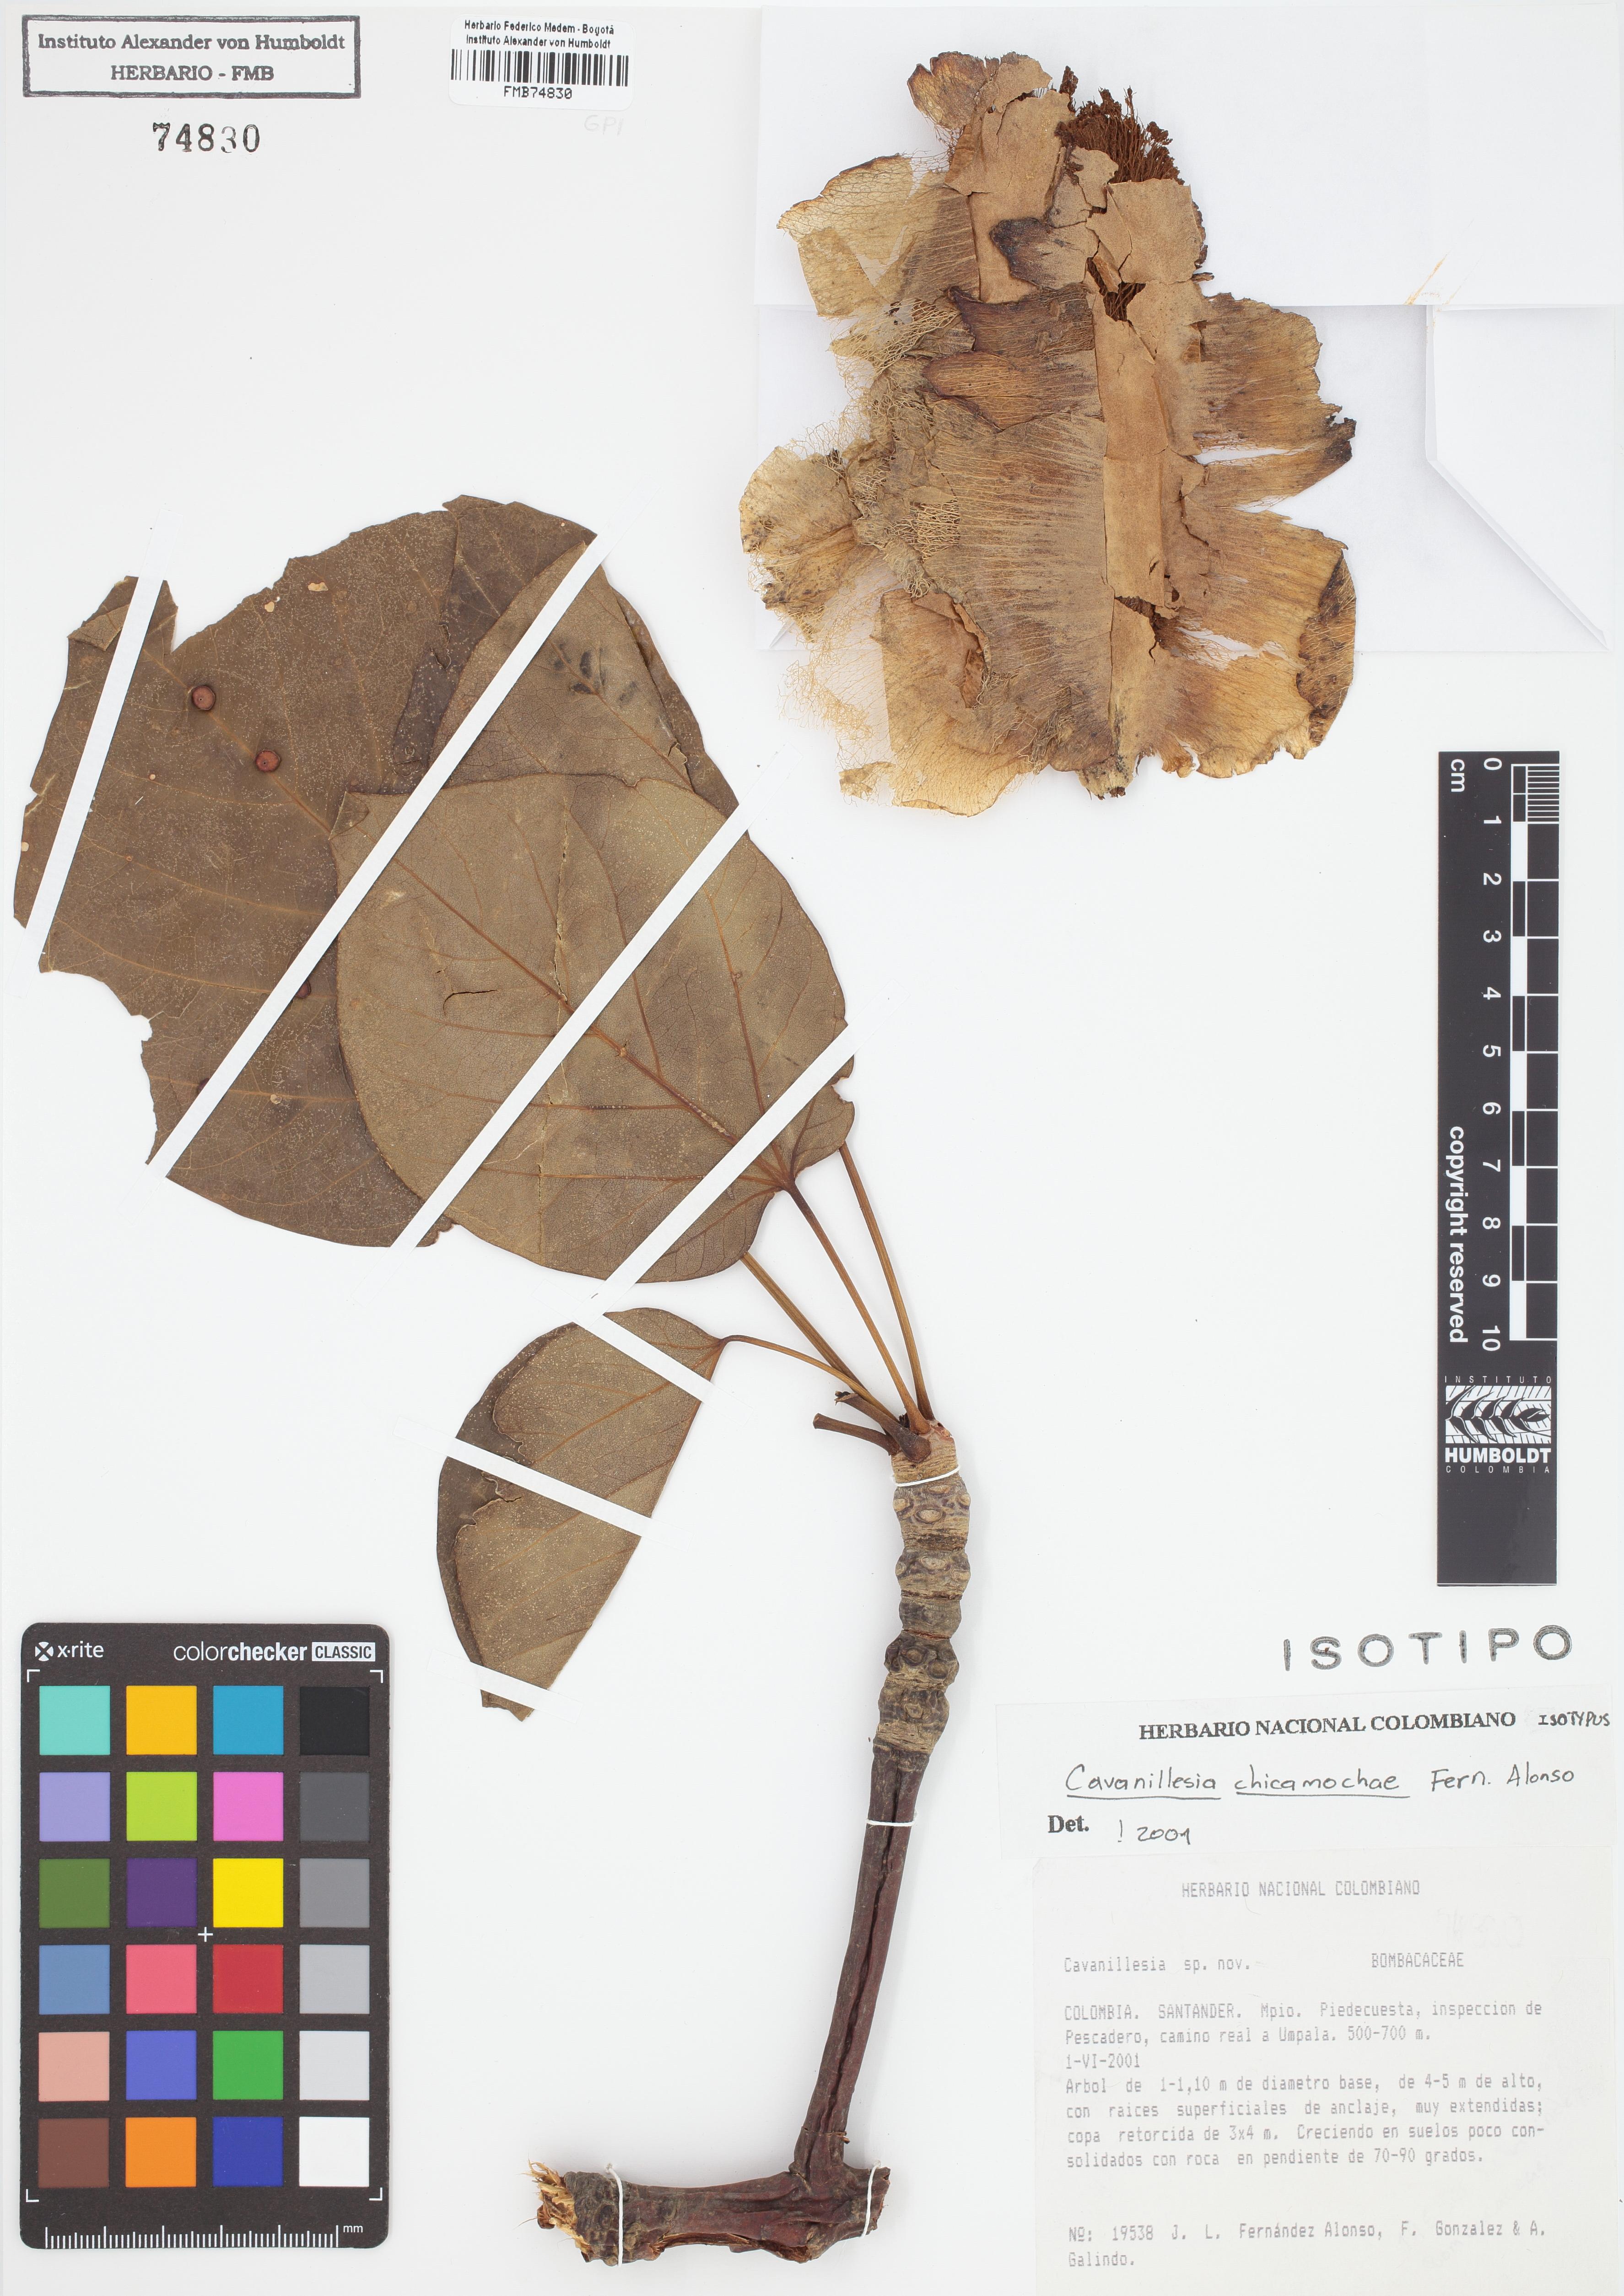 Isotipo de <em>Cavanillesia chicamochae</em>, FMB-74830, Fotografía por Robles A.